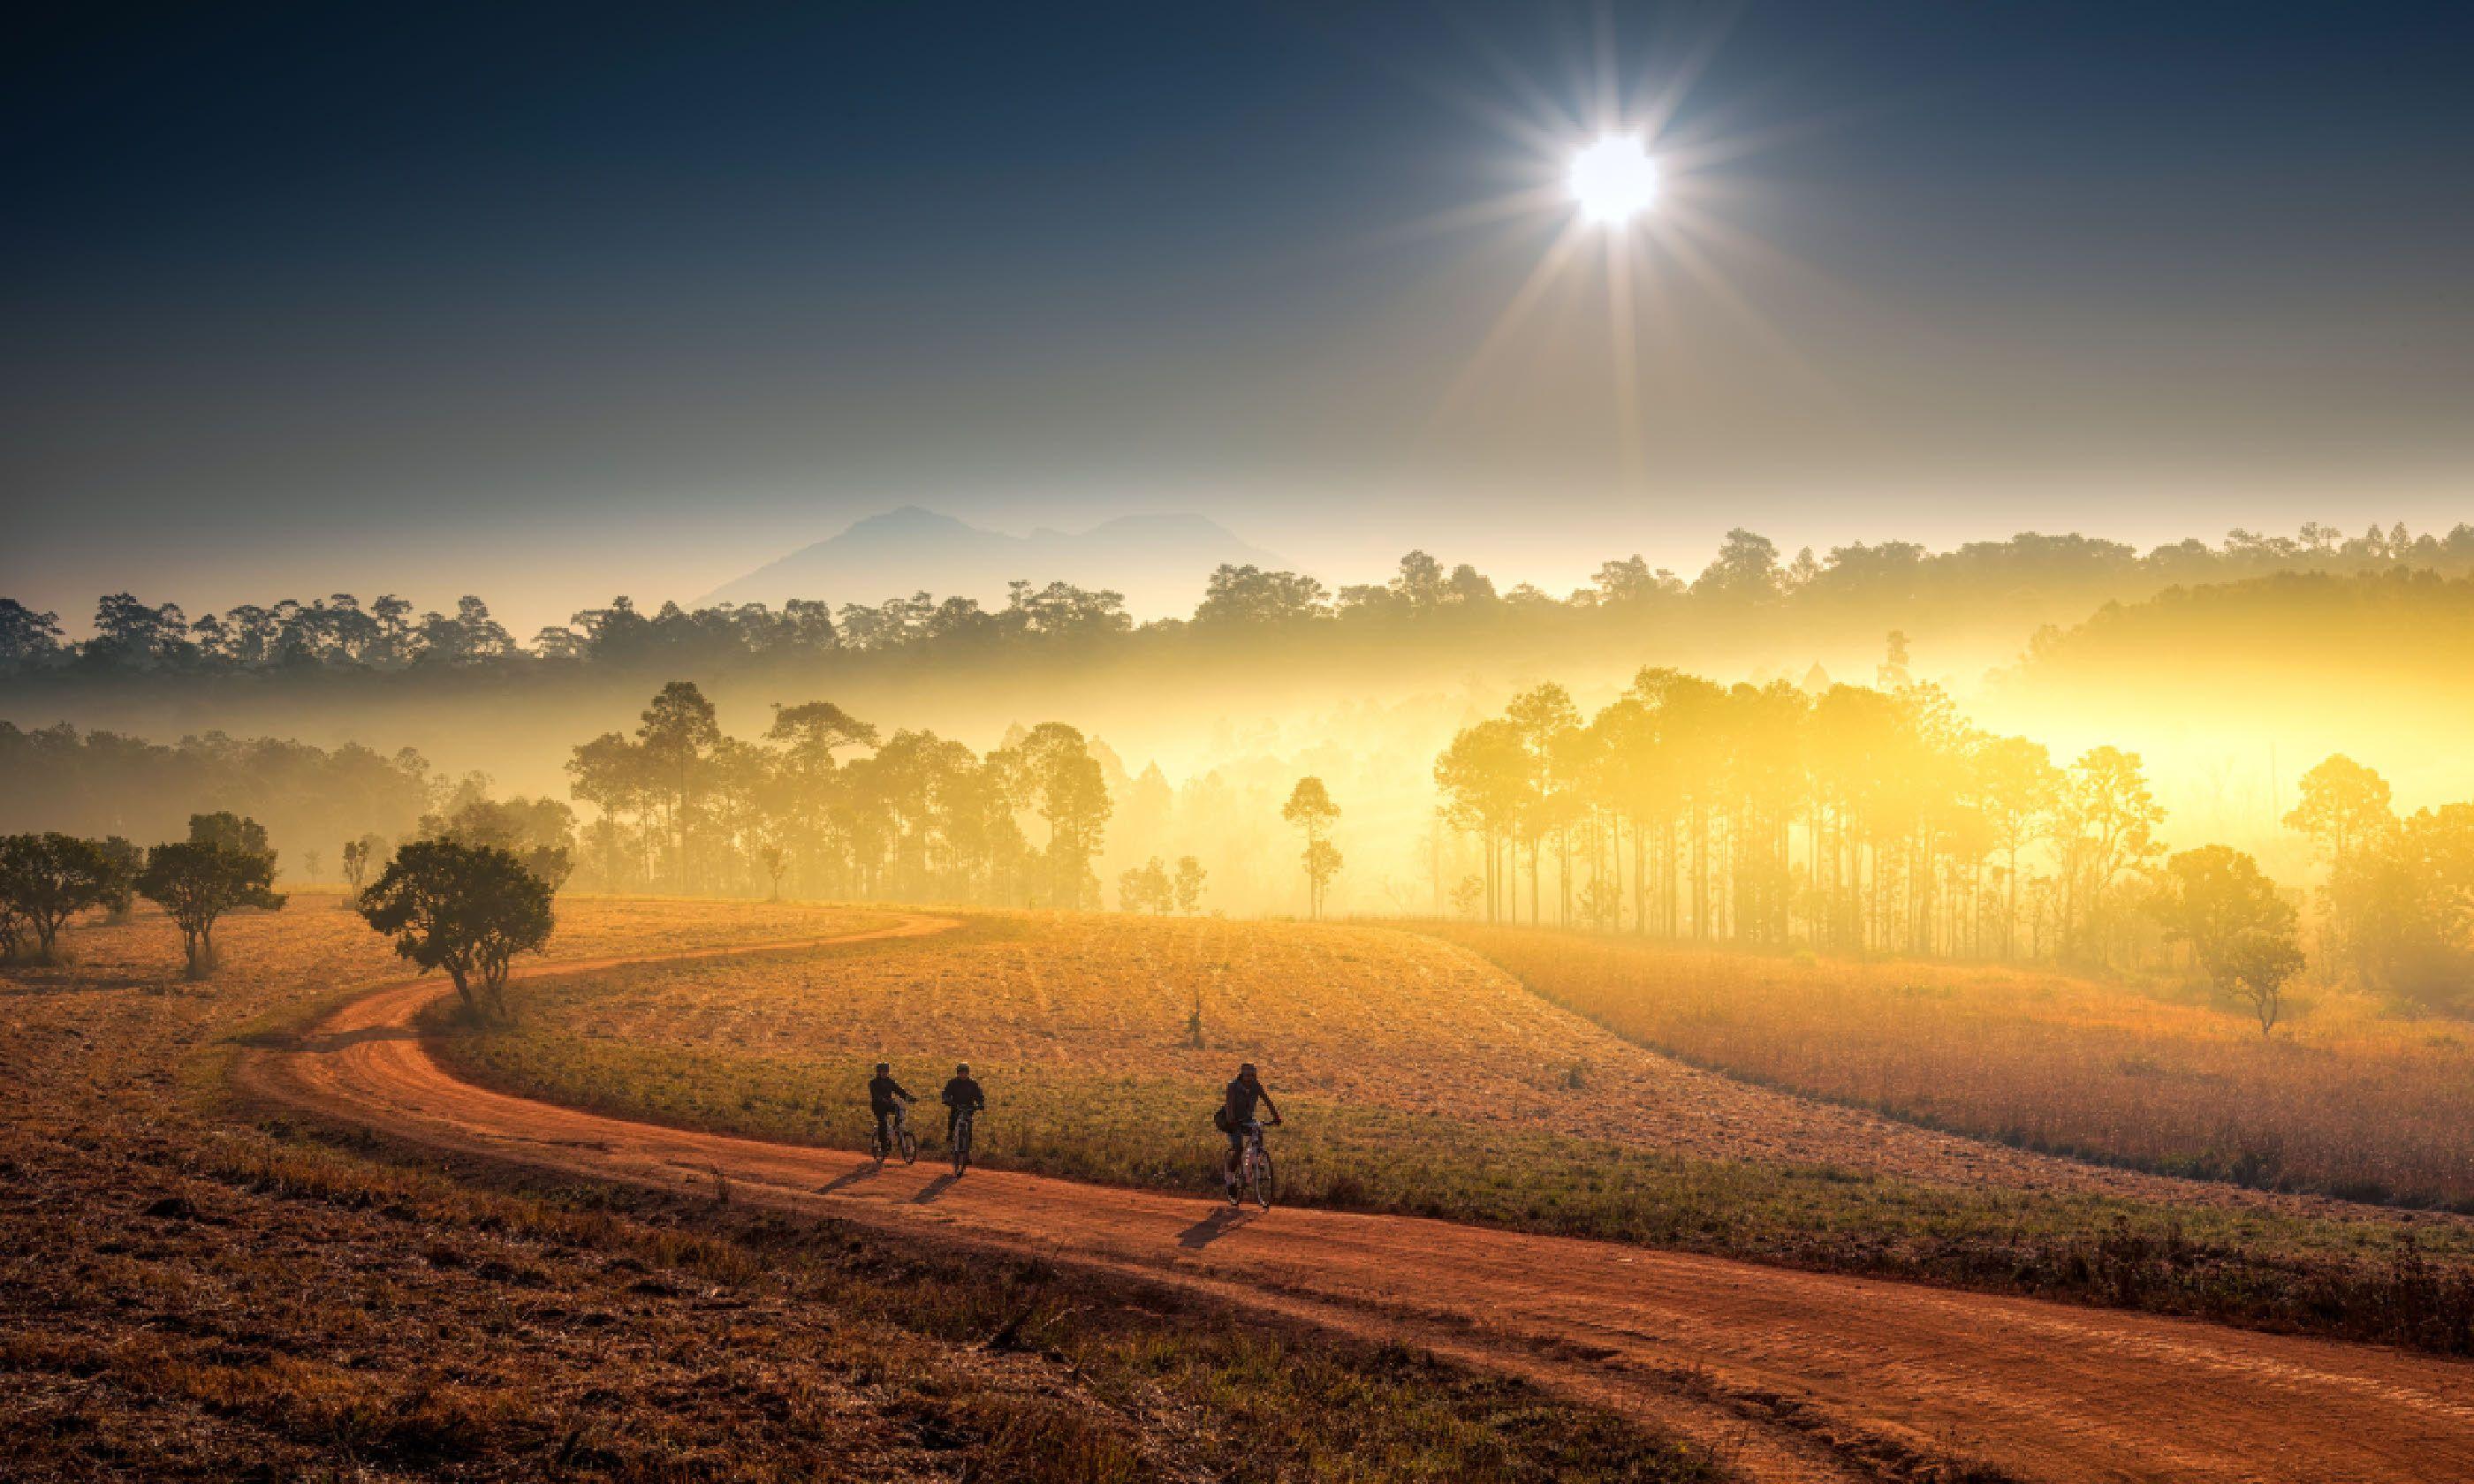 Mon Jong, Chiang Mai (Shutterstock)